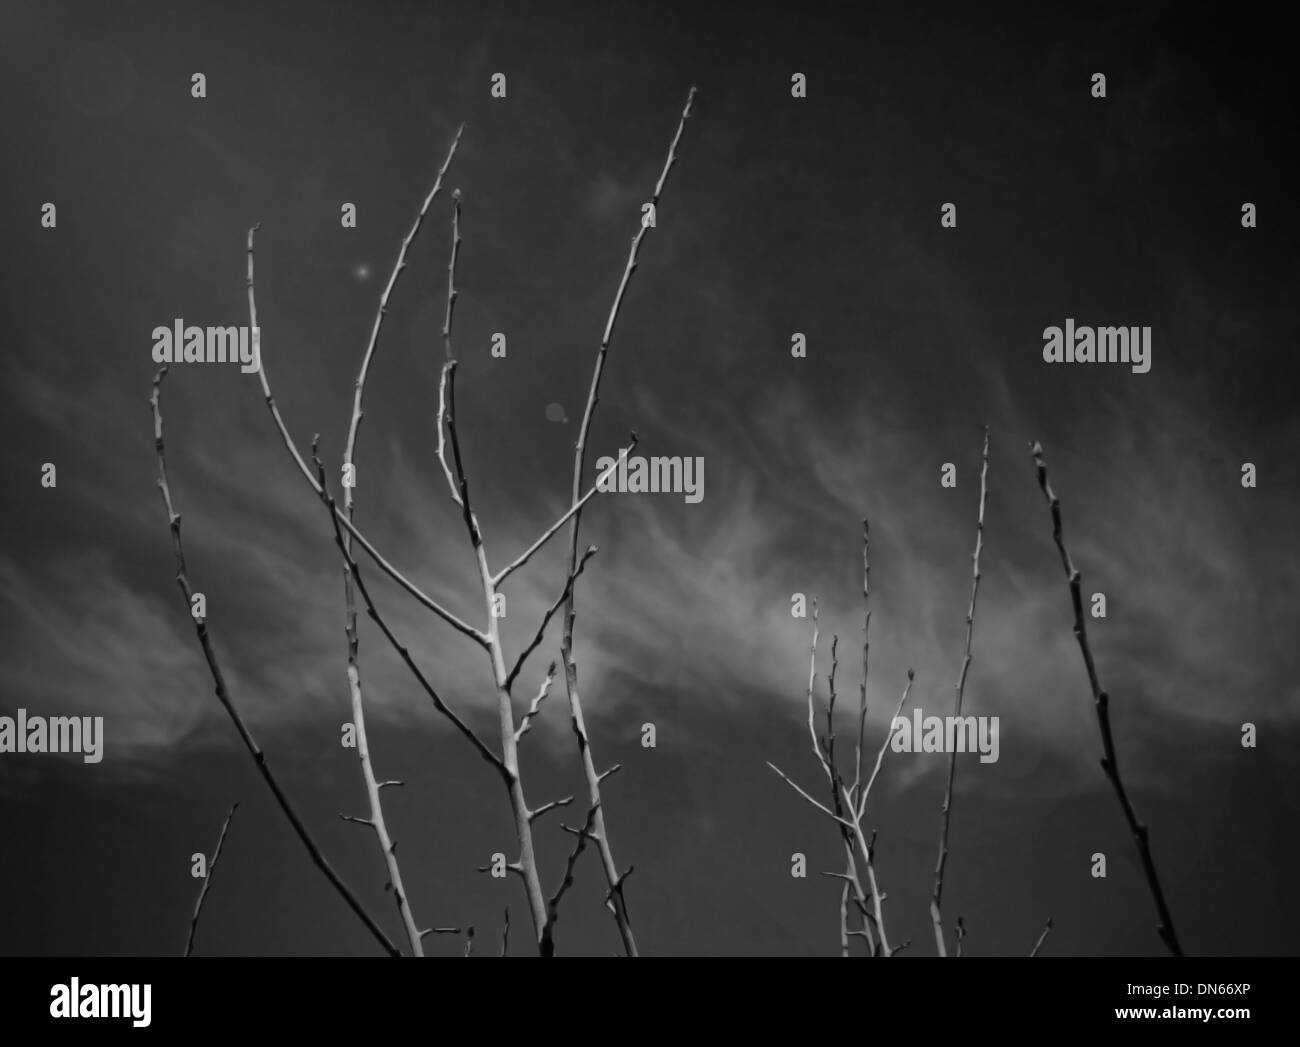 Sucursales en blanco y negro B/W cielo nubes Sinaí Egipto plantas muertas stick desierto seco palos flair Imagen De Stock